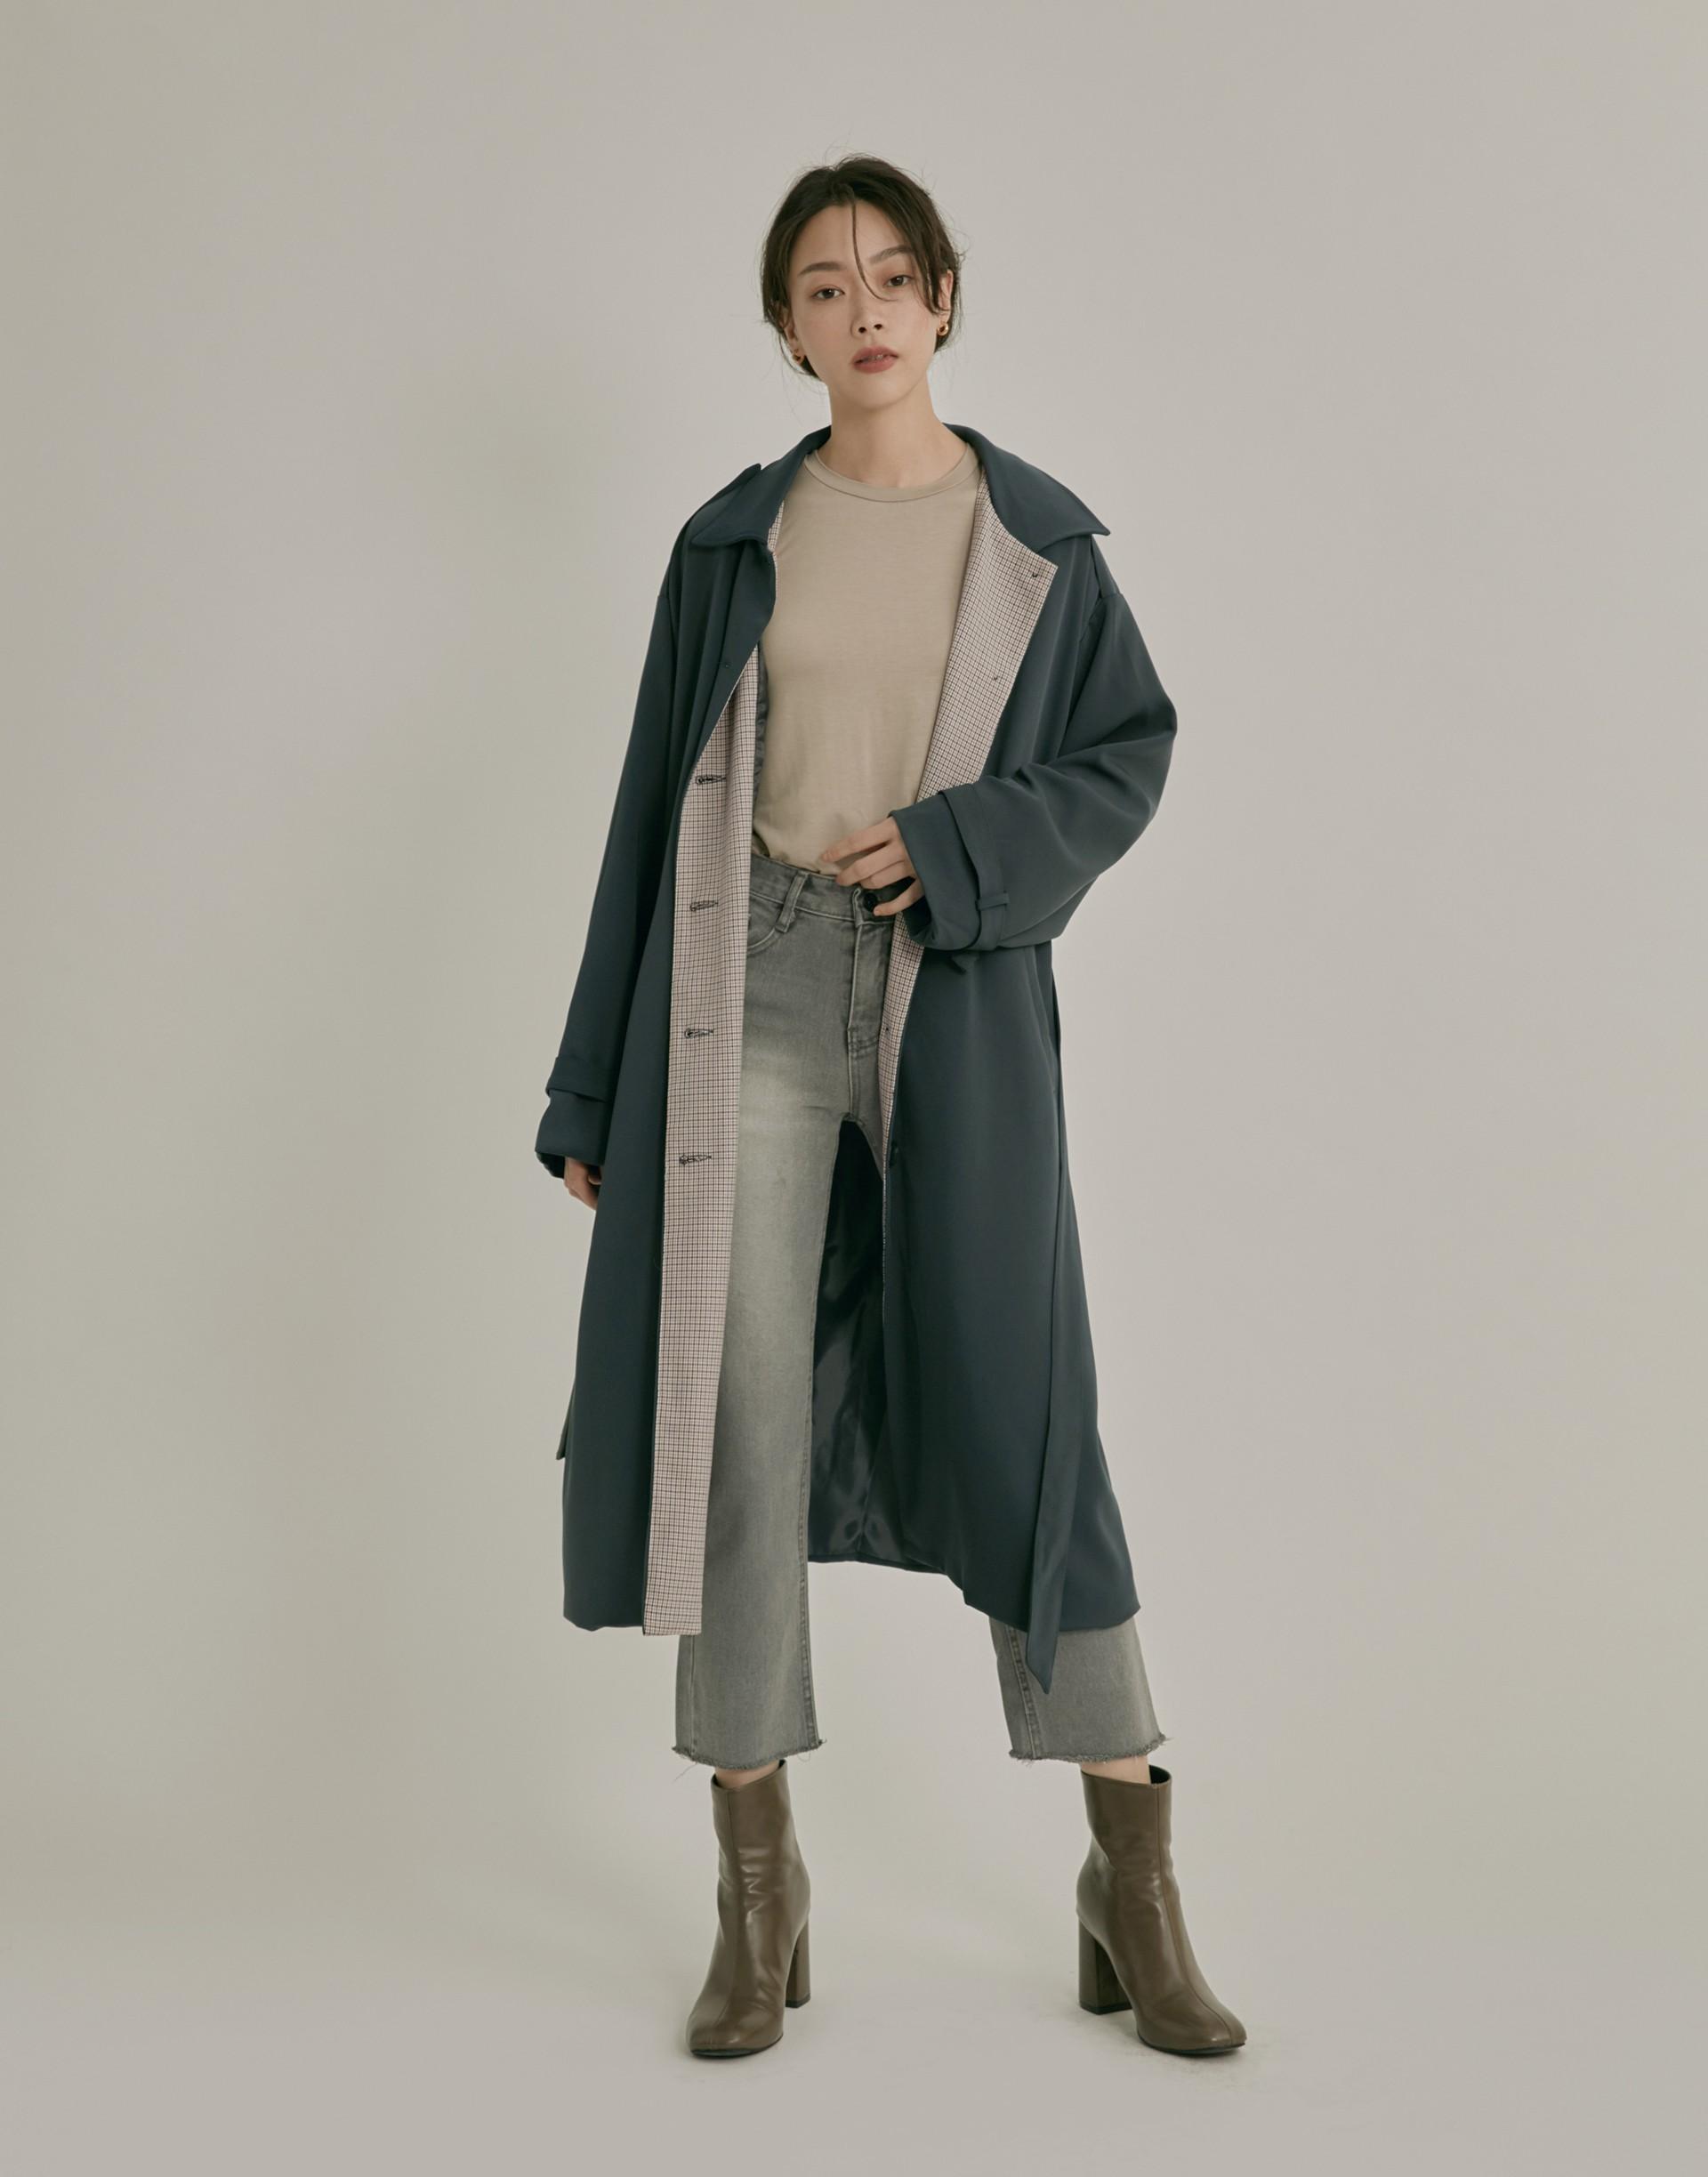 彈性:適中 親膚舒適的風衣面料、有內裡、領內格紋印花、壓釦設計、袖口和腰後附綁帶